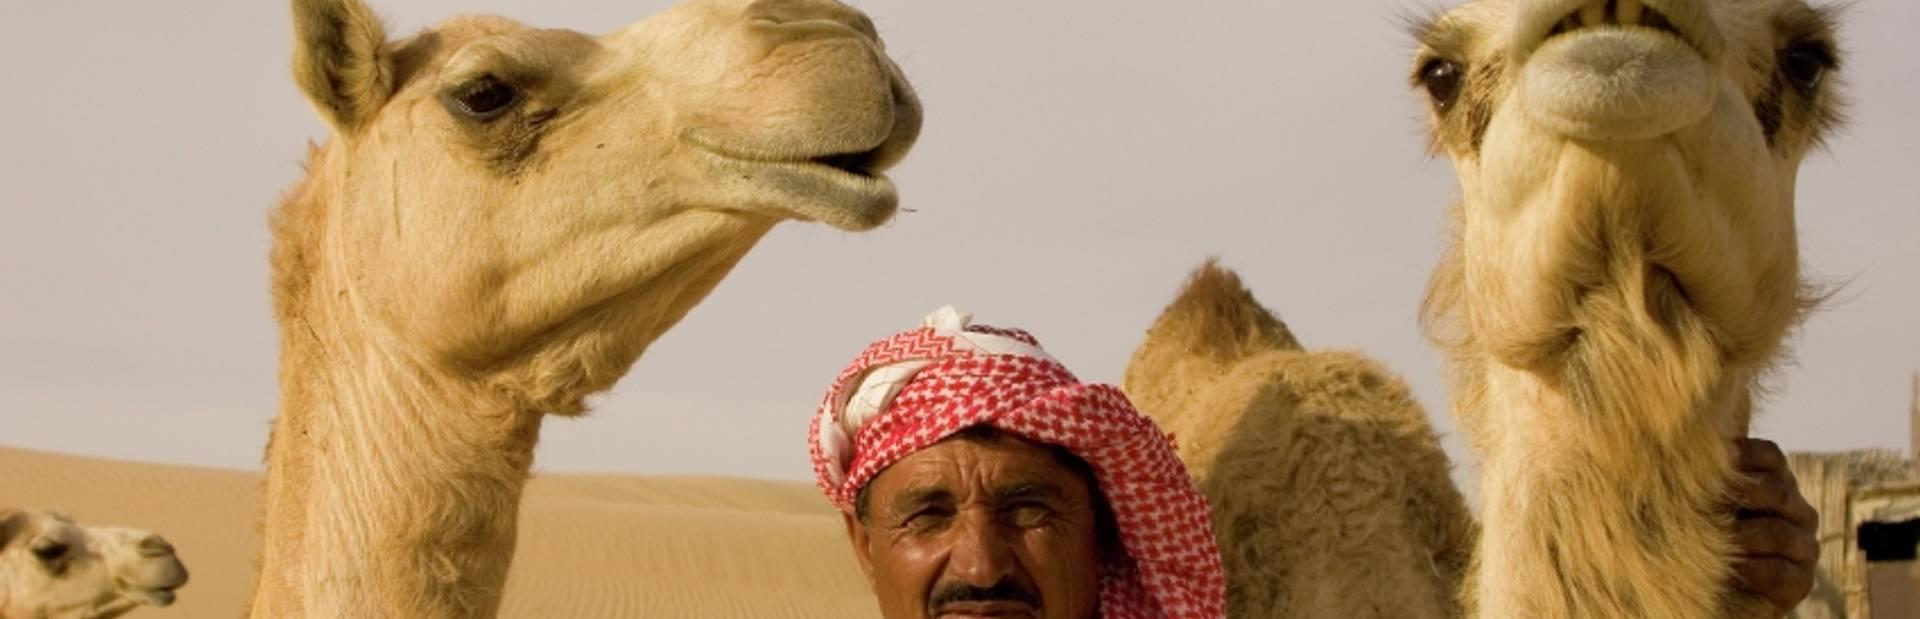 Arabian Gulf interactive map